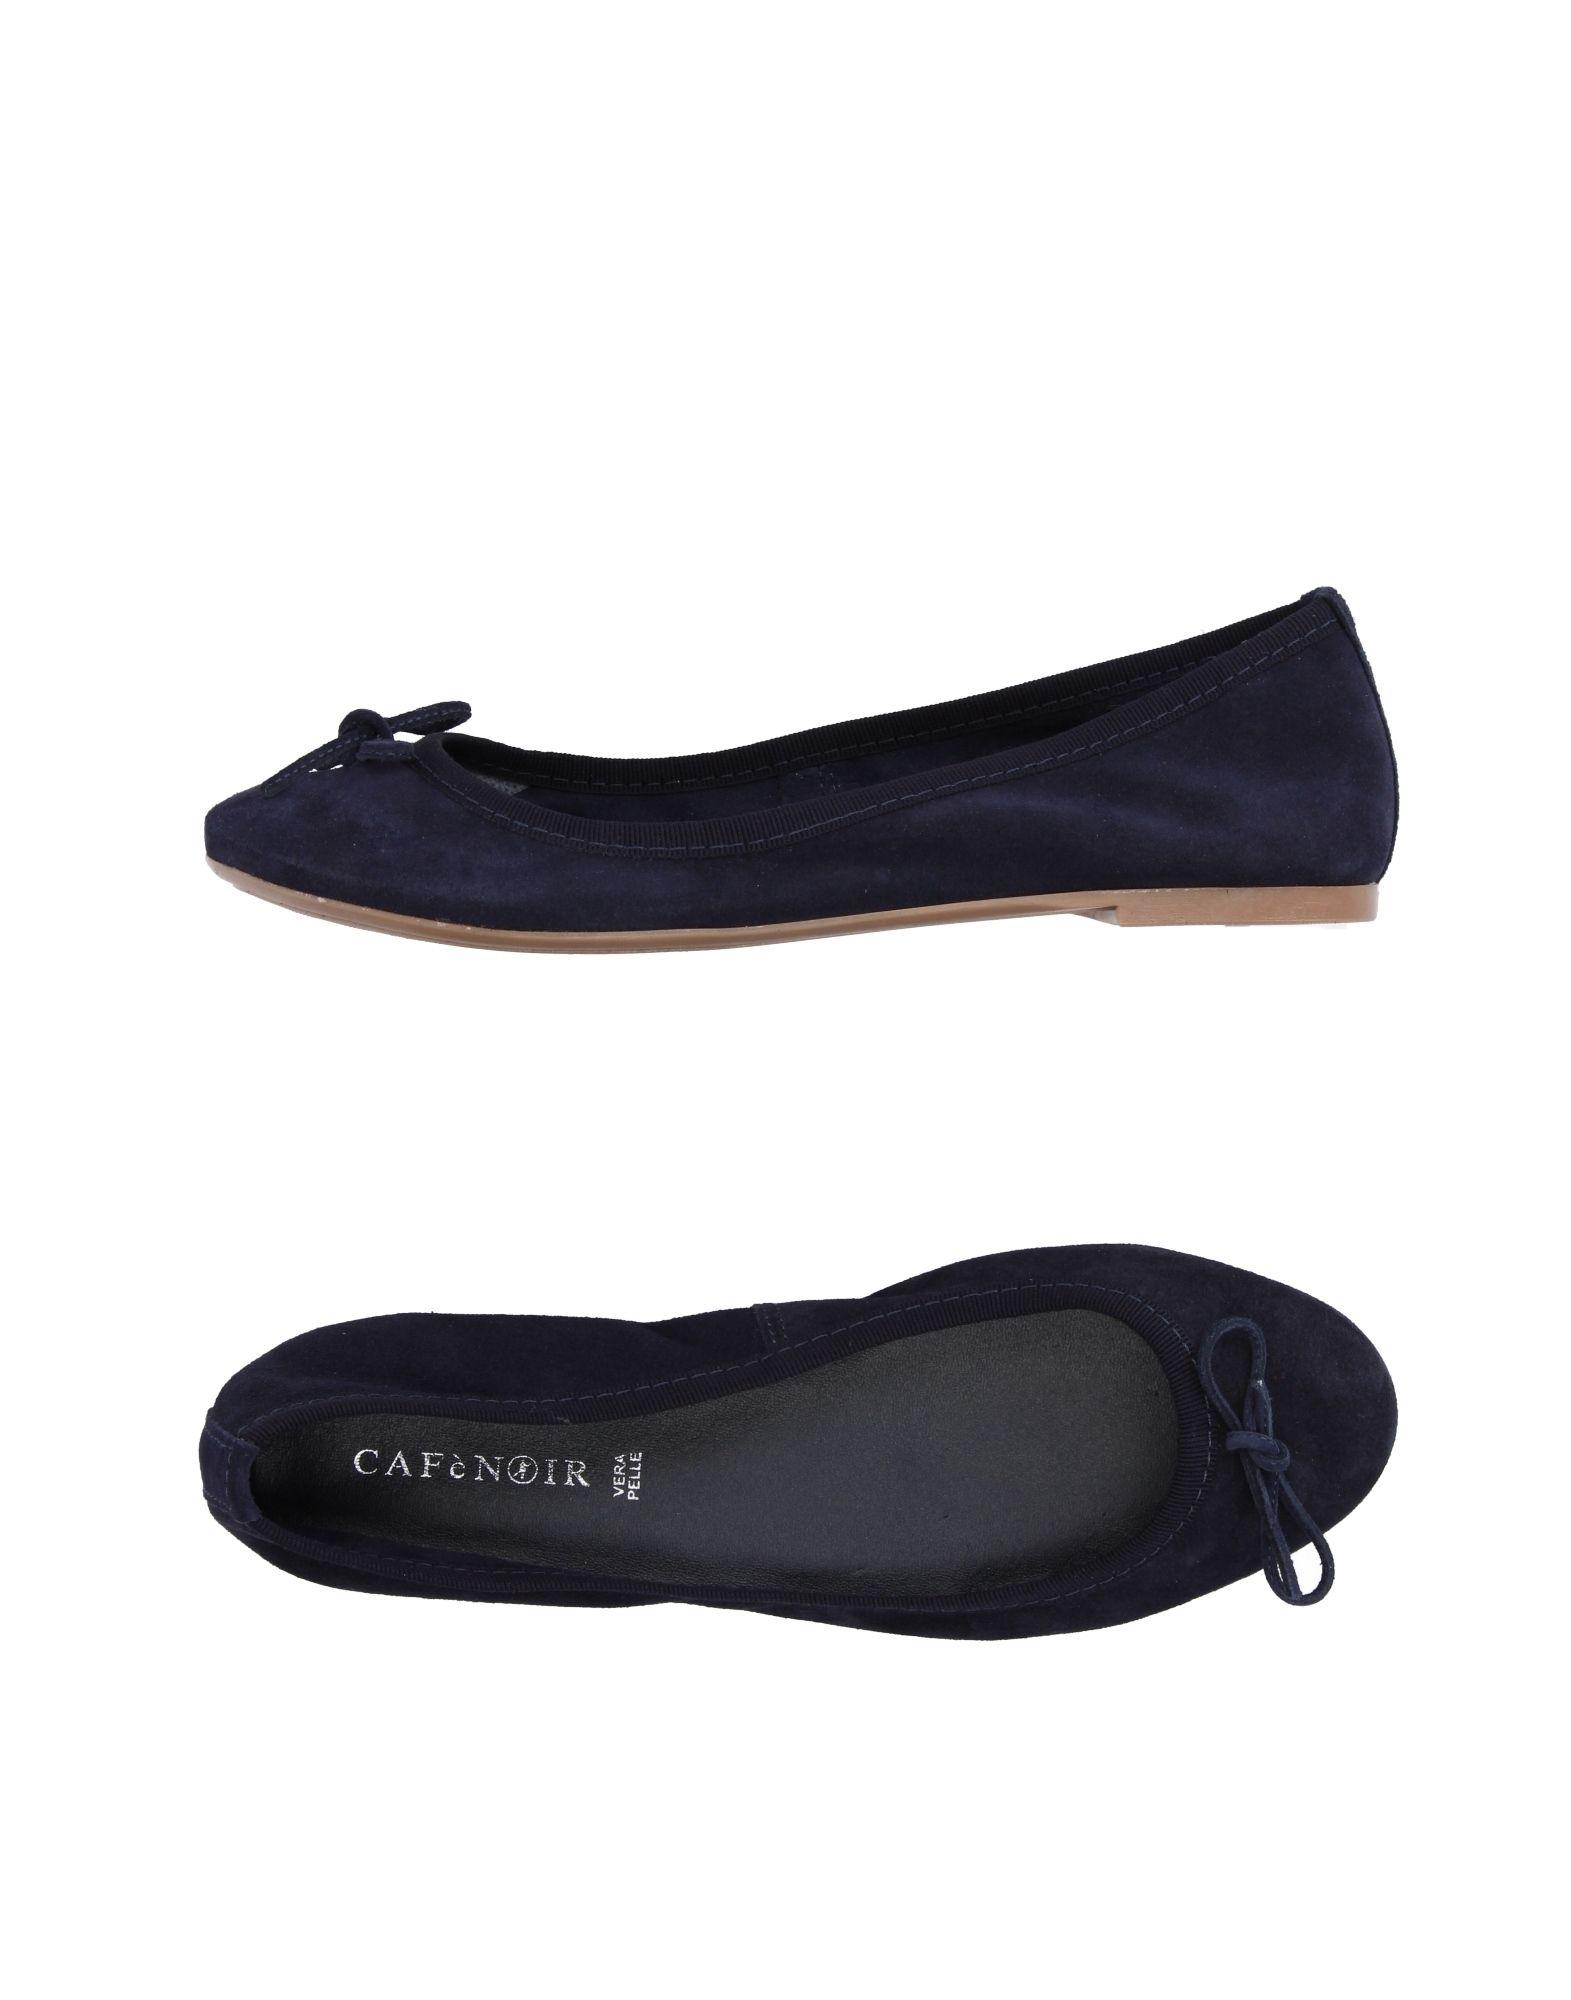 Cafènoir Ballerinas Damen  11208119FH Gute Qualität beliebte Schuhe